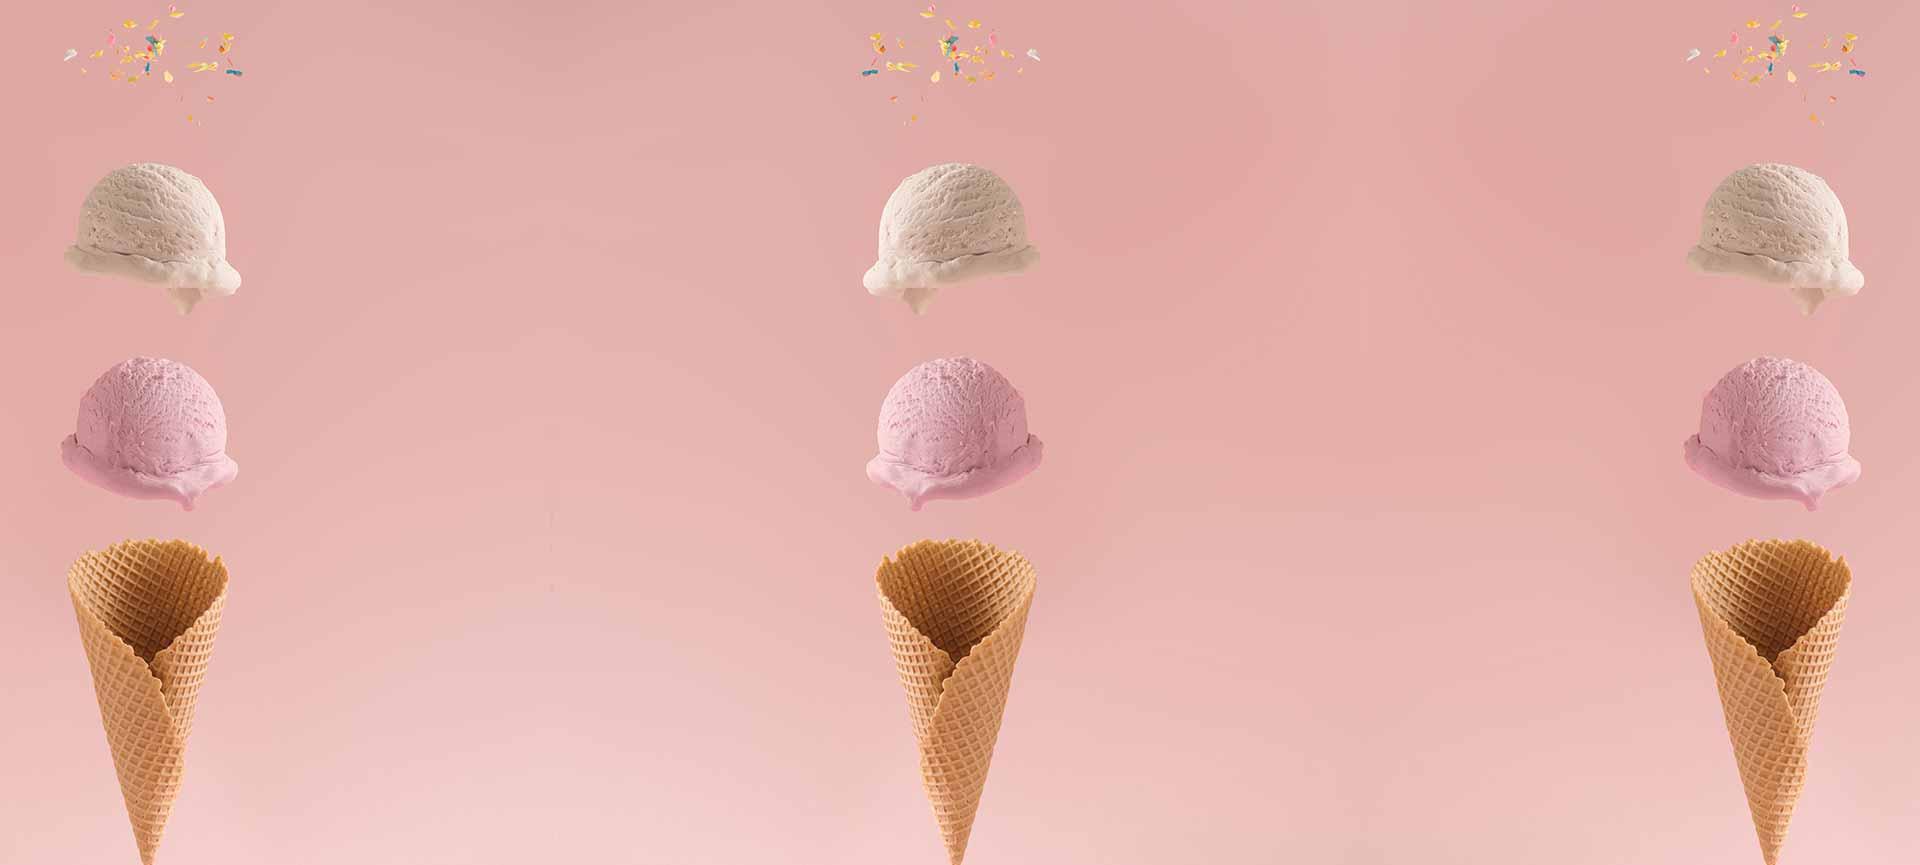 Foodbase - Conheça os principais ingredientes da produção de sorvete